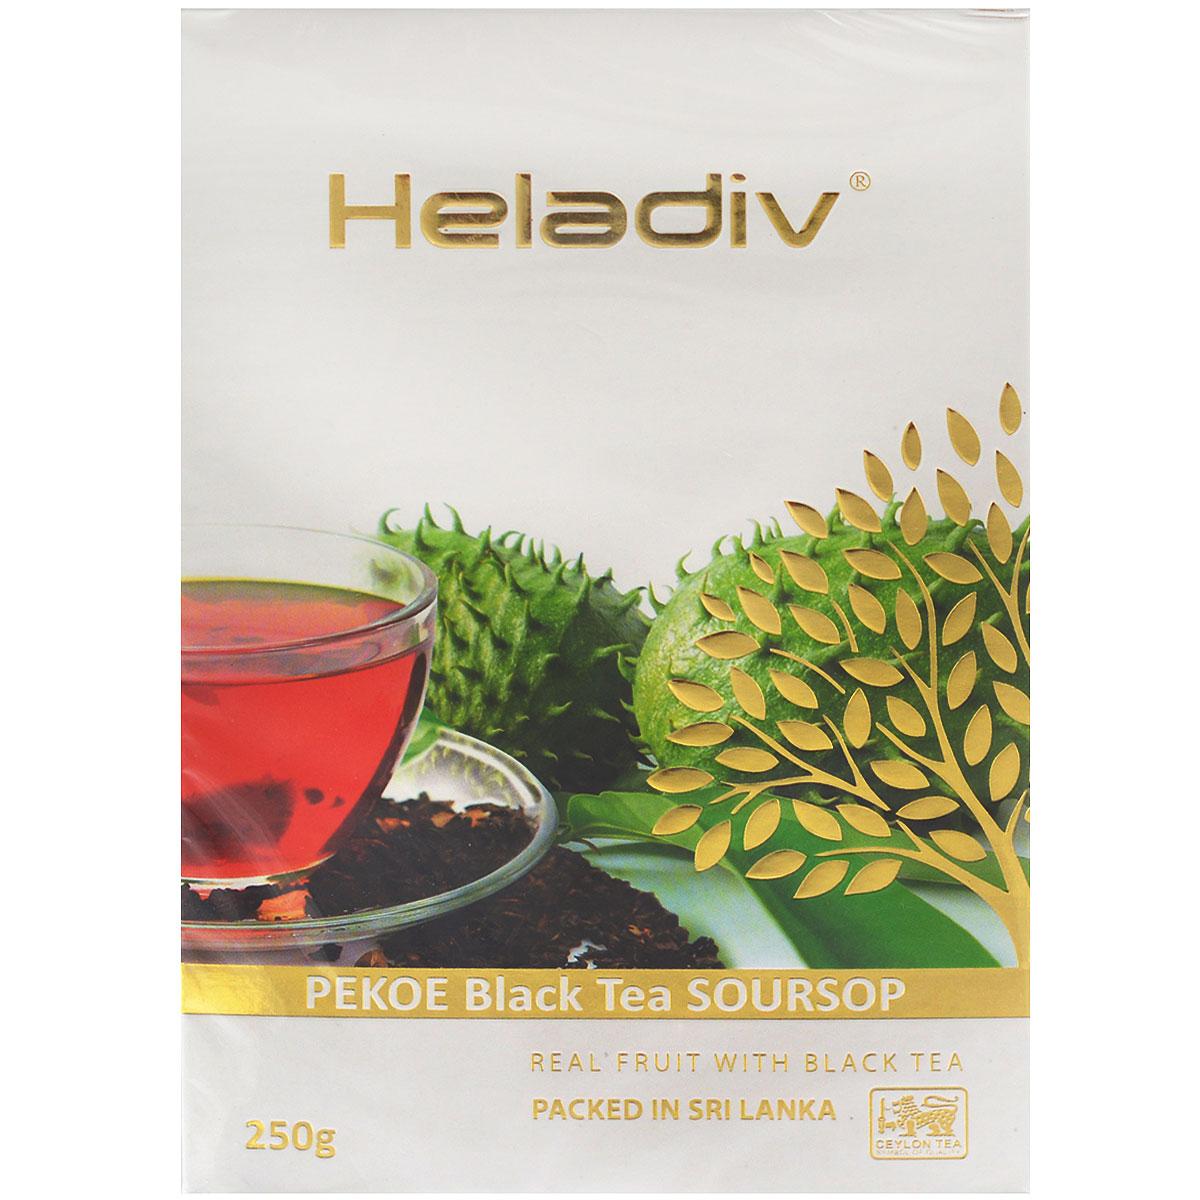 Heladiv Pekoe Black Soursop черный листовой чай с саусепом, 250 г майский чайная матрешка синяя черный листовой чай 30 г